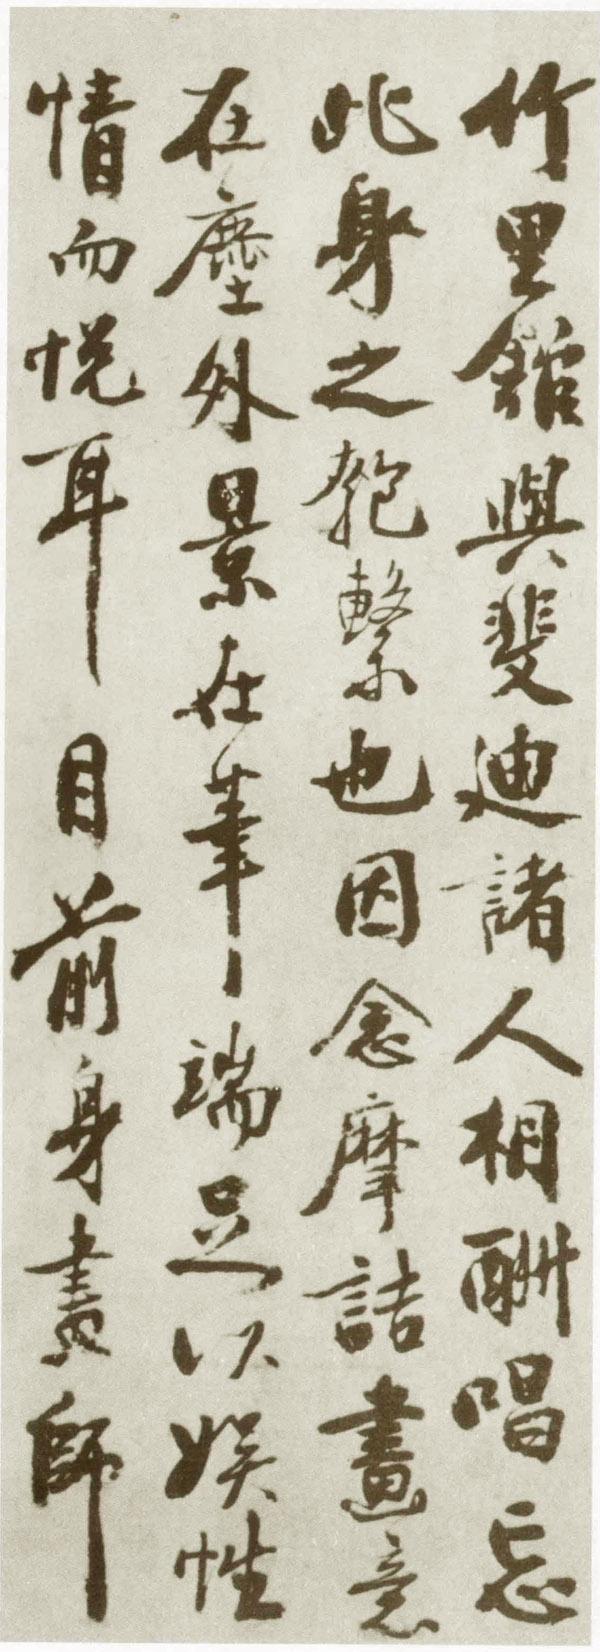 (宋)秦观 ---《摩诘辋川图跋》 - 阿倩 - 我爱的、爱我的,繁杂的世界其实如此简单